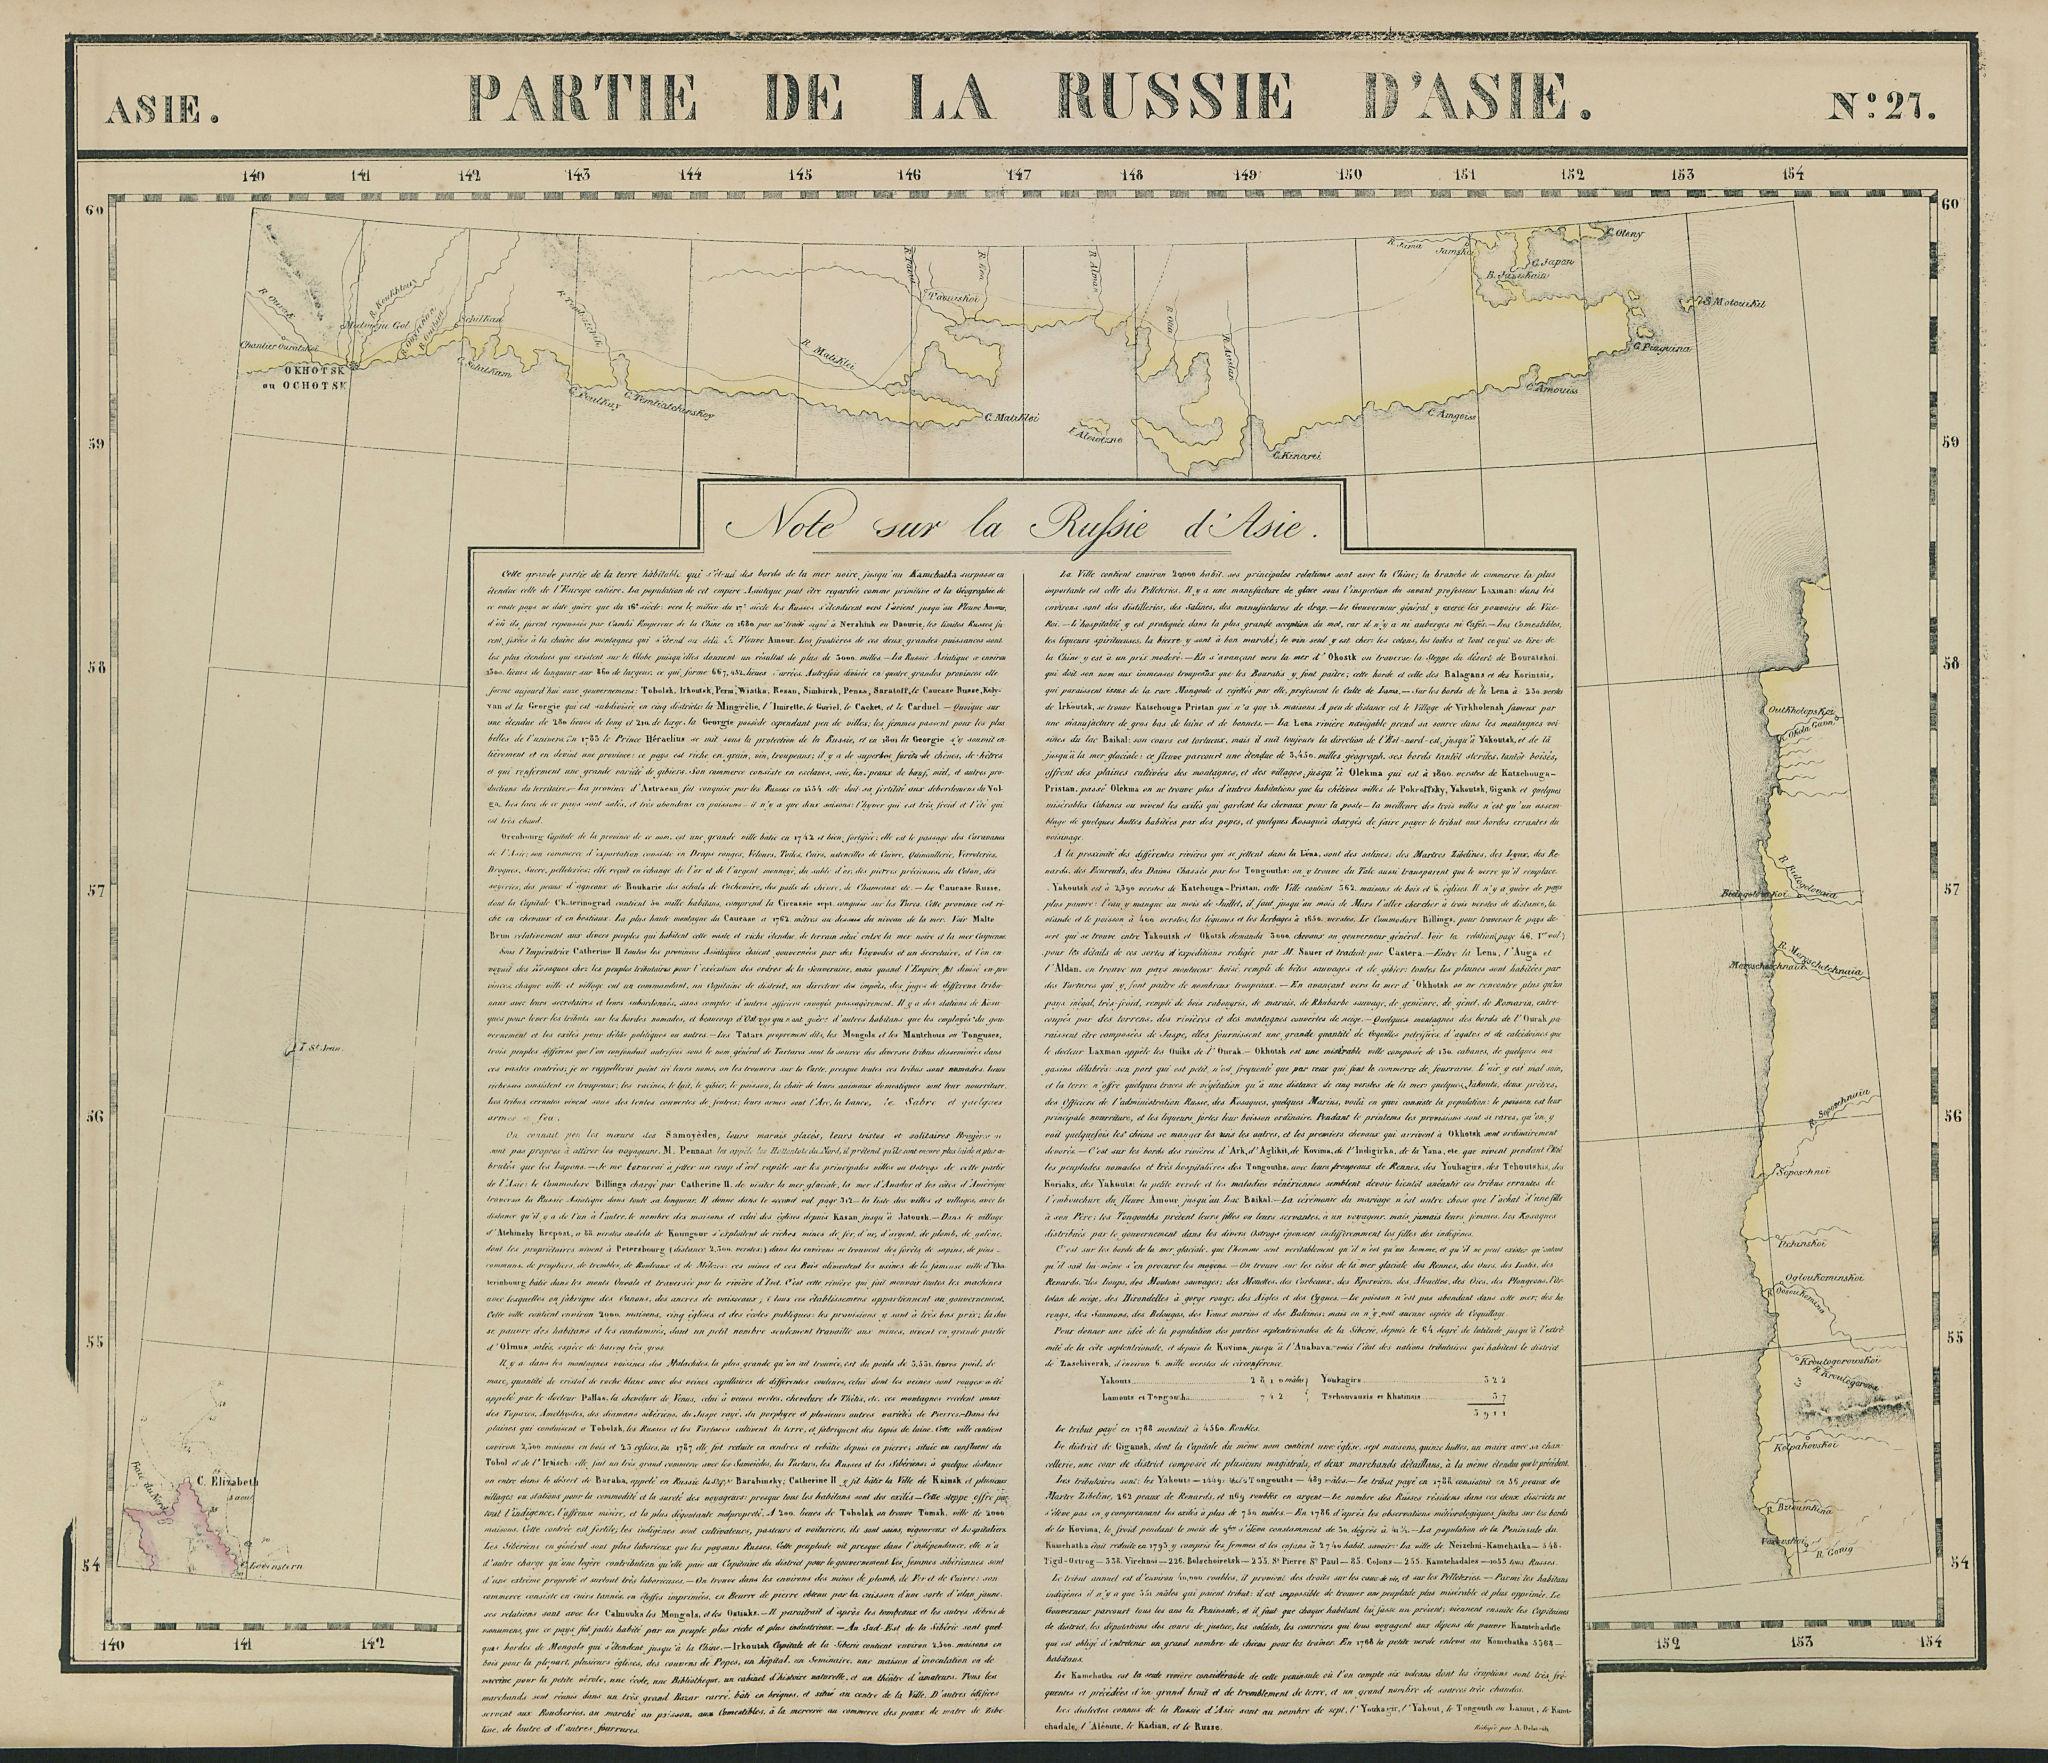 Russie d'Asie #27 Russia. West Kamchatka. Magadan/Khabarov VANDERMAELEN 1827 map